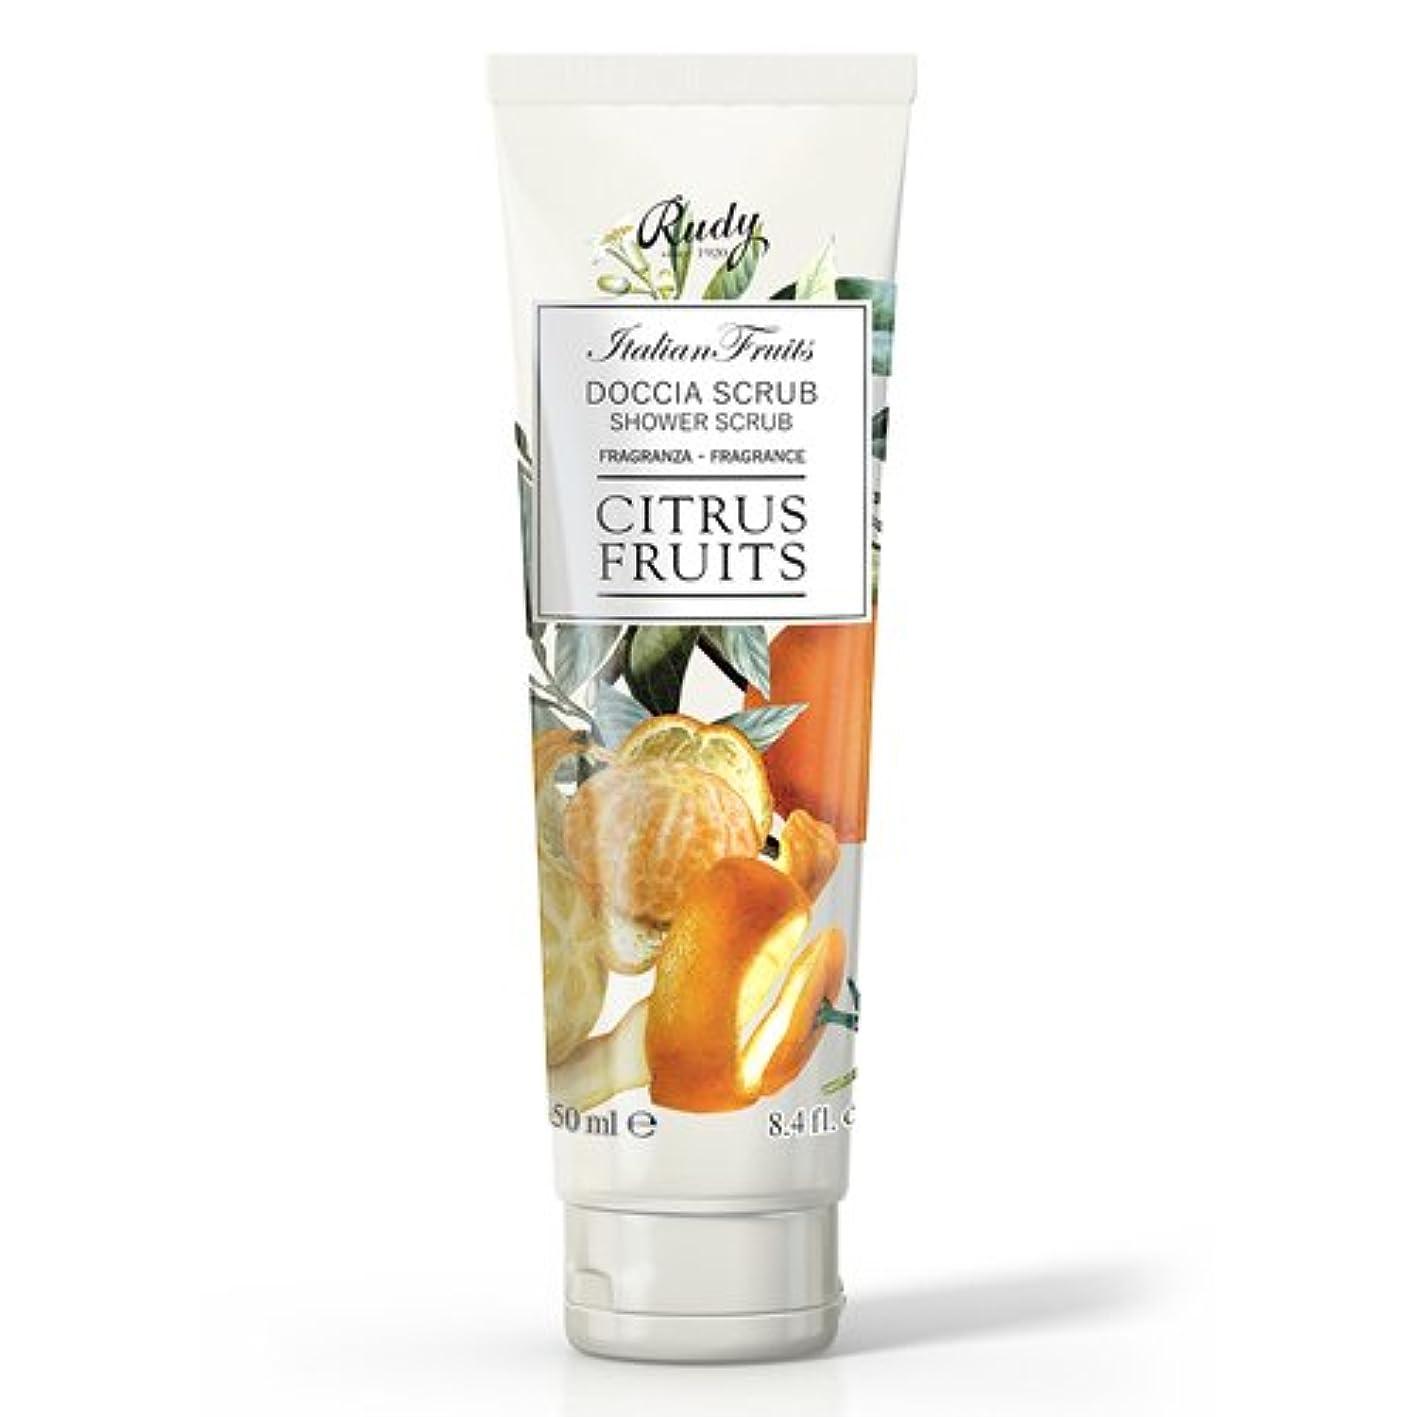 外交我慢する臭いRUDY Italian Fruits Series ルディ イタリアンフルーツ Shower Scrub シャワースクラブ Citrus Fruits